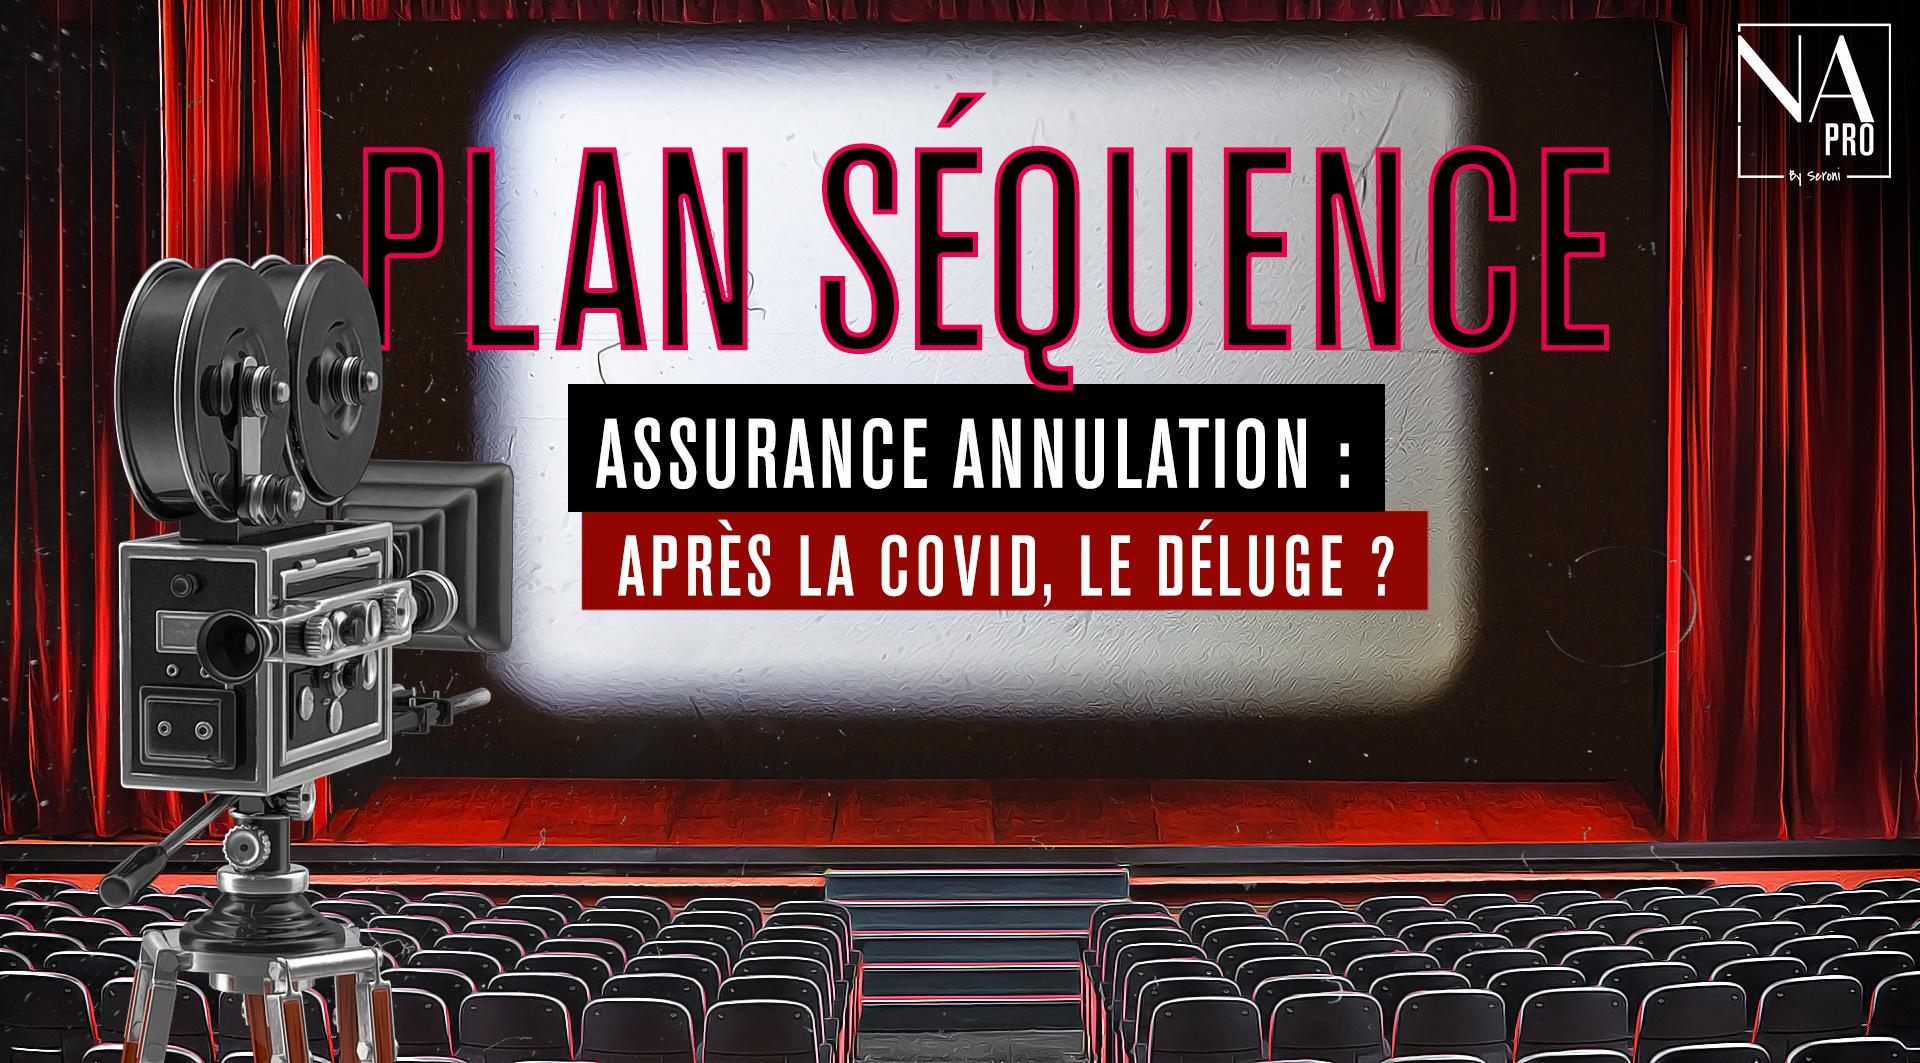 Plan séquence - Assurance annulation : Après la Covid, le déluge ?